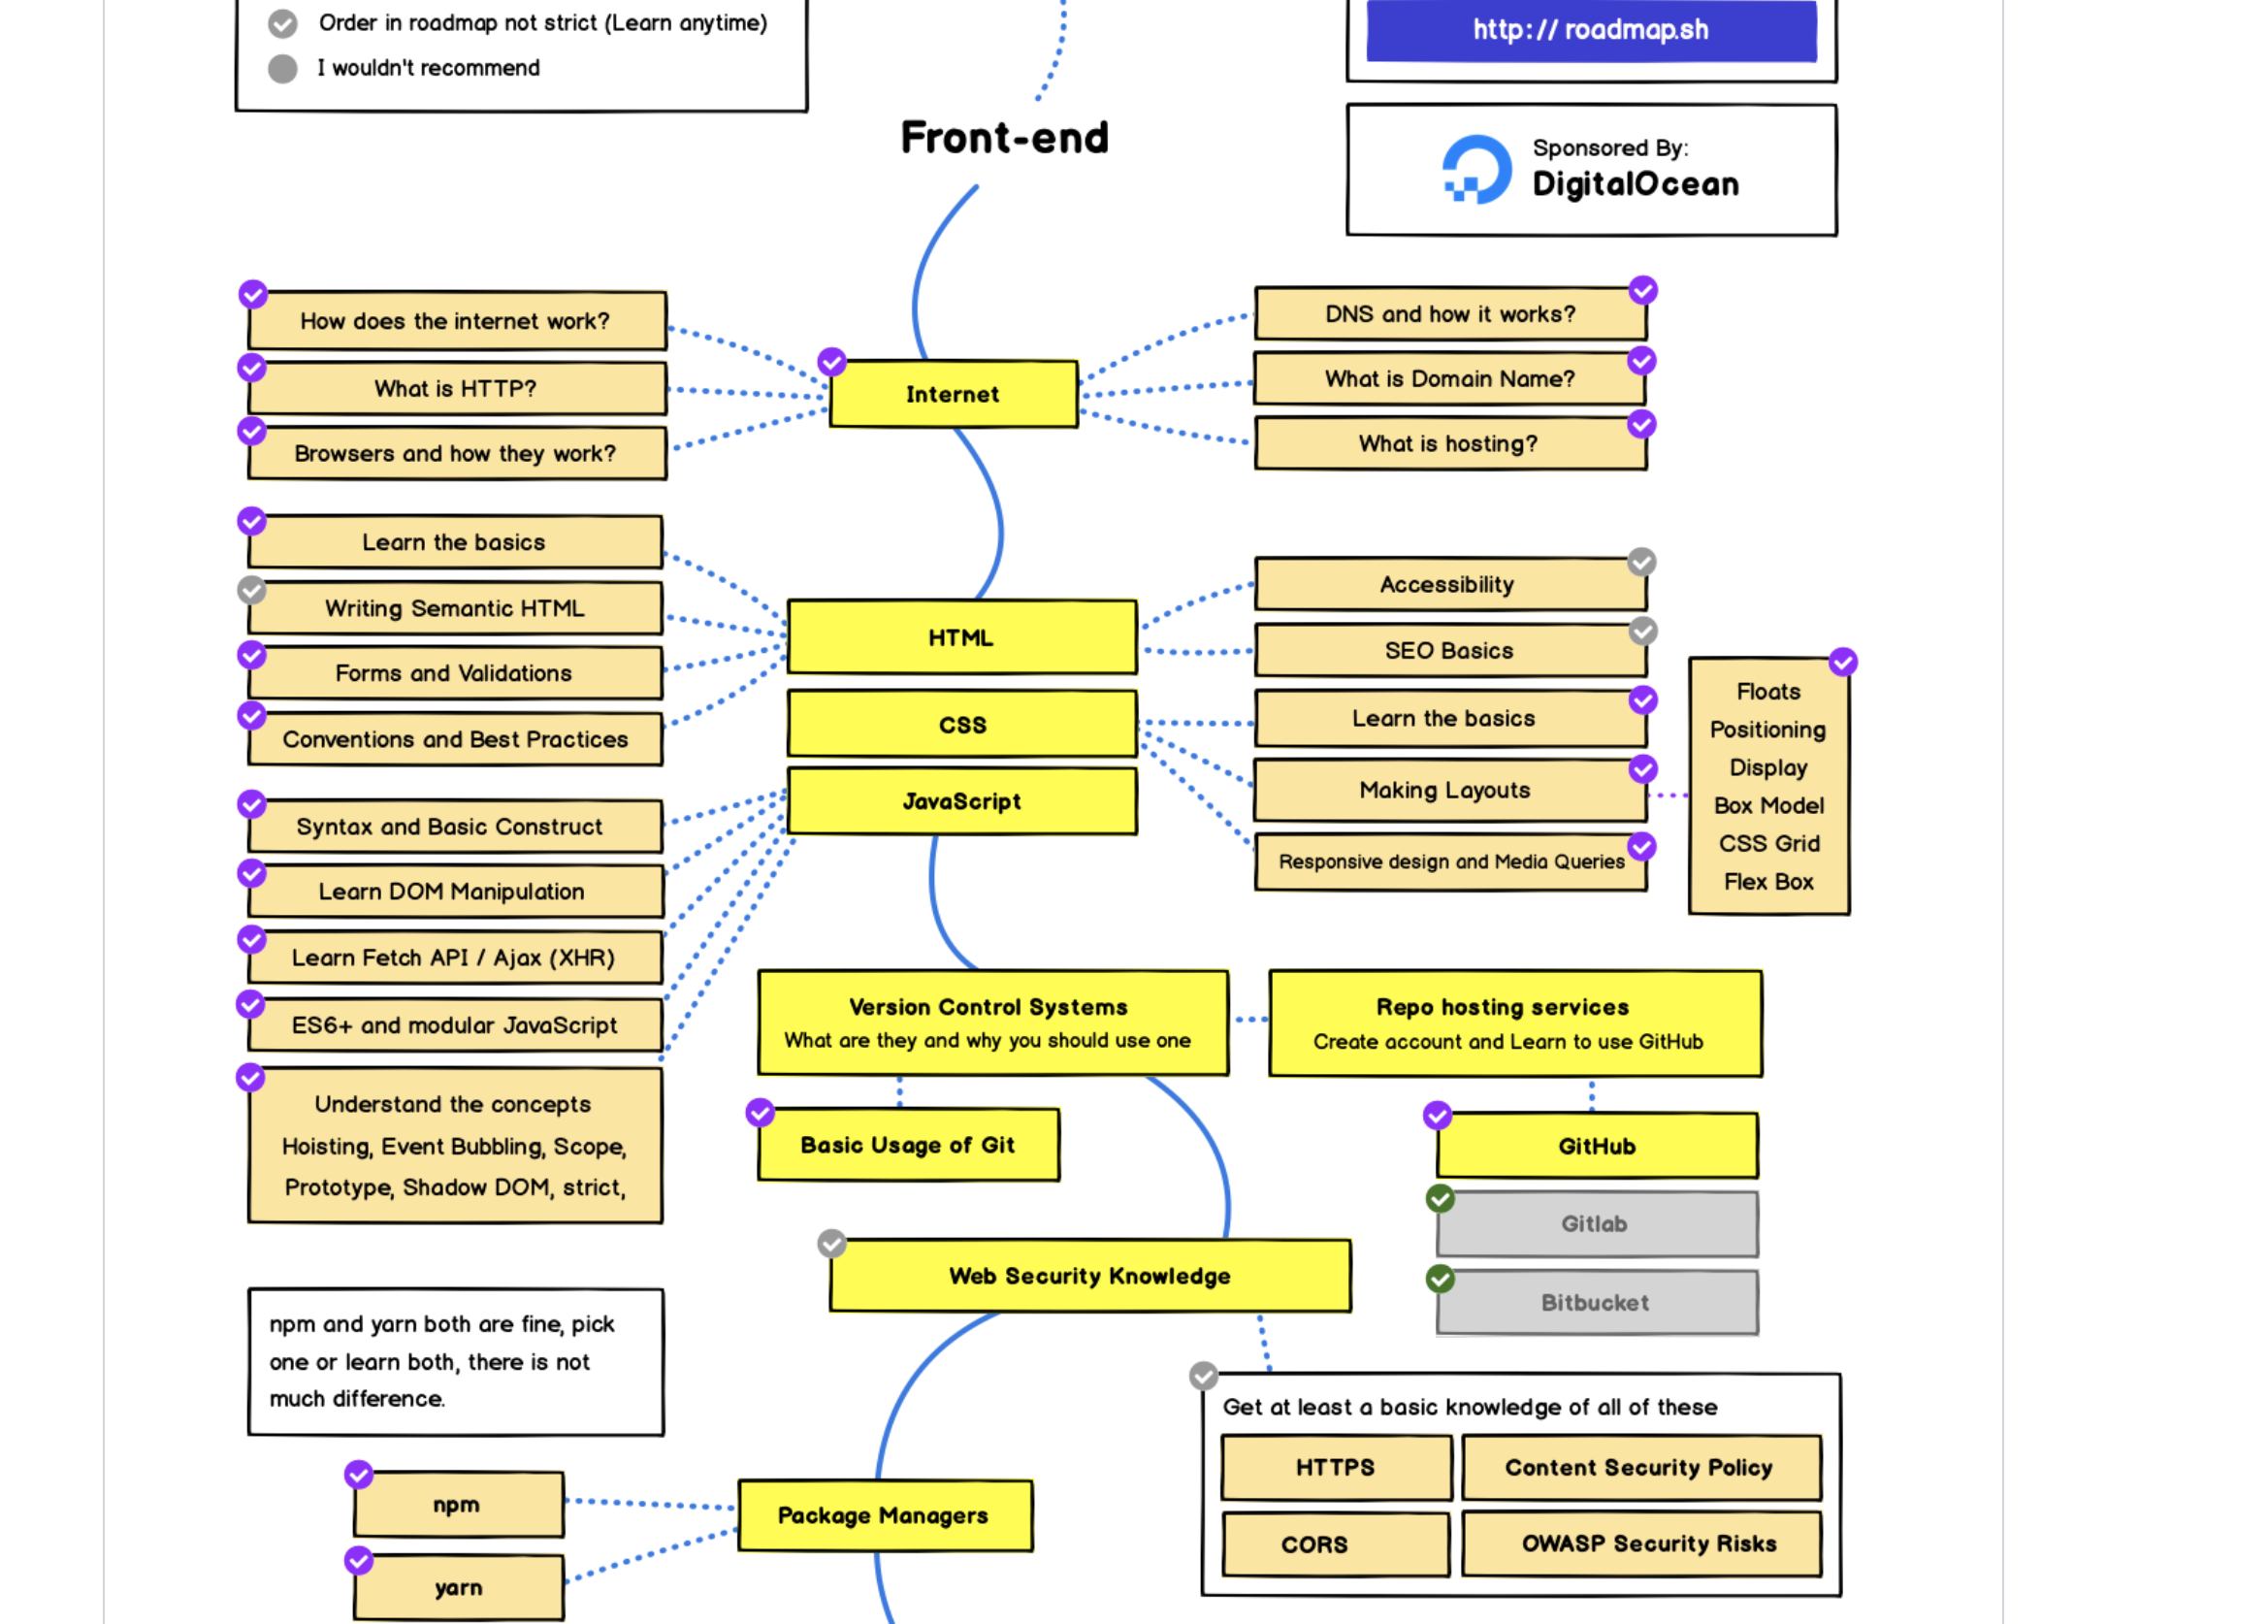 フロントエンドエンジニアになるためのロードマップ